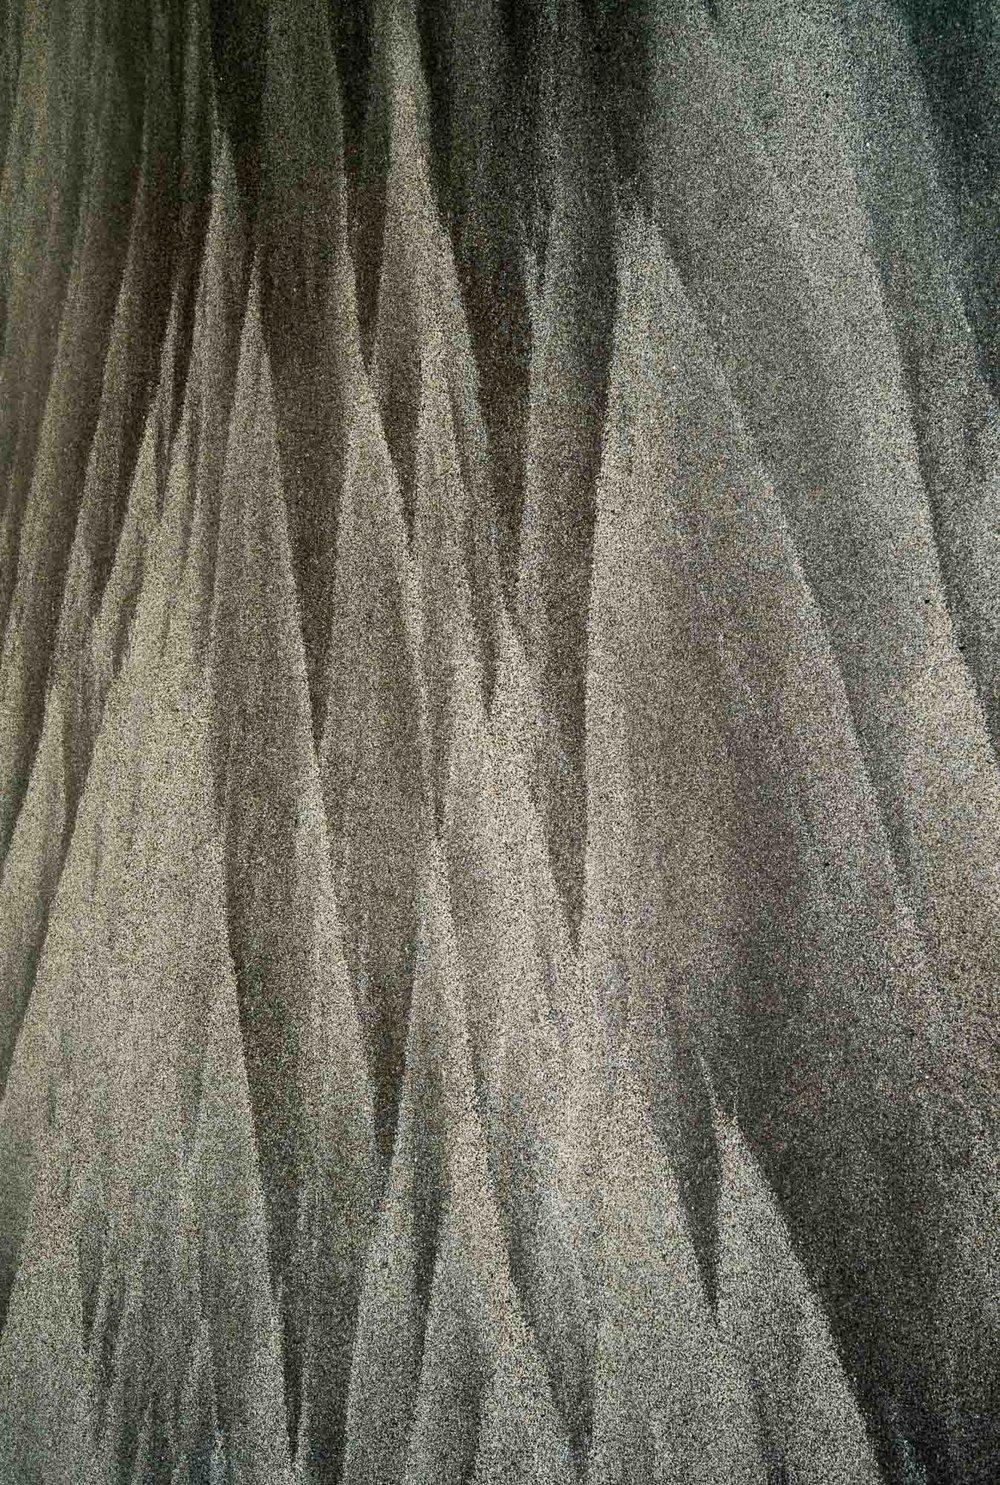 Laig sand textures